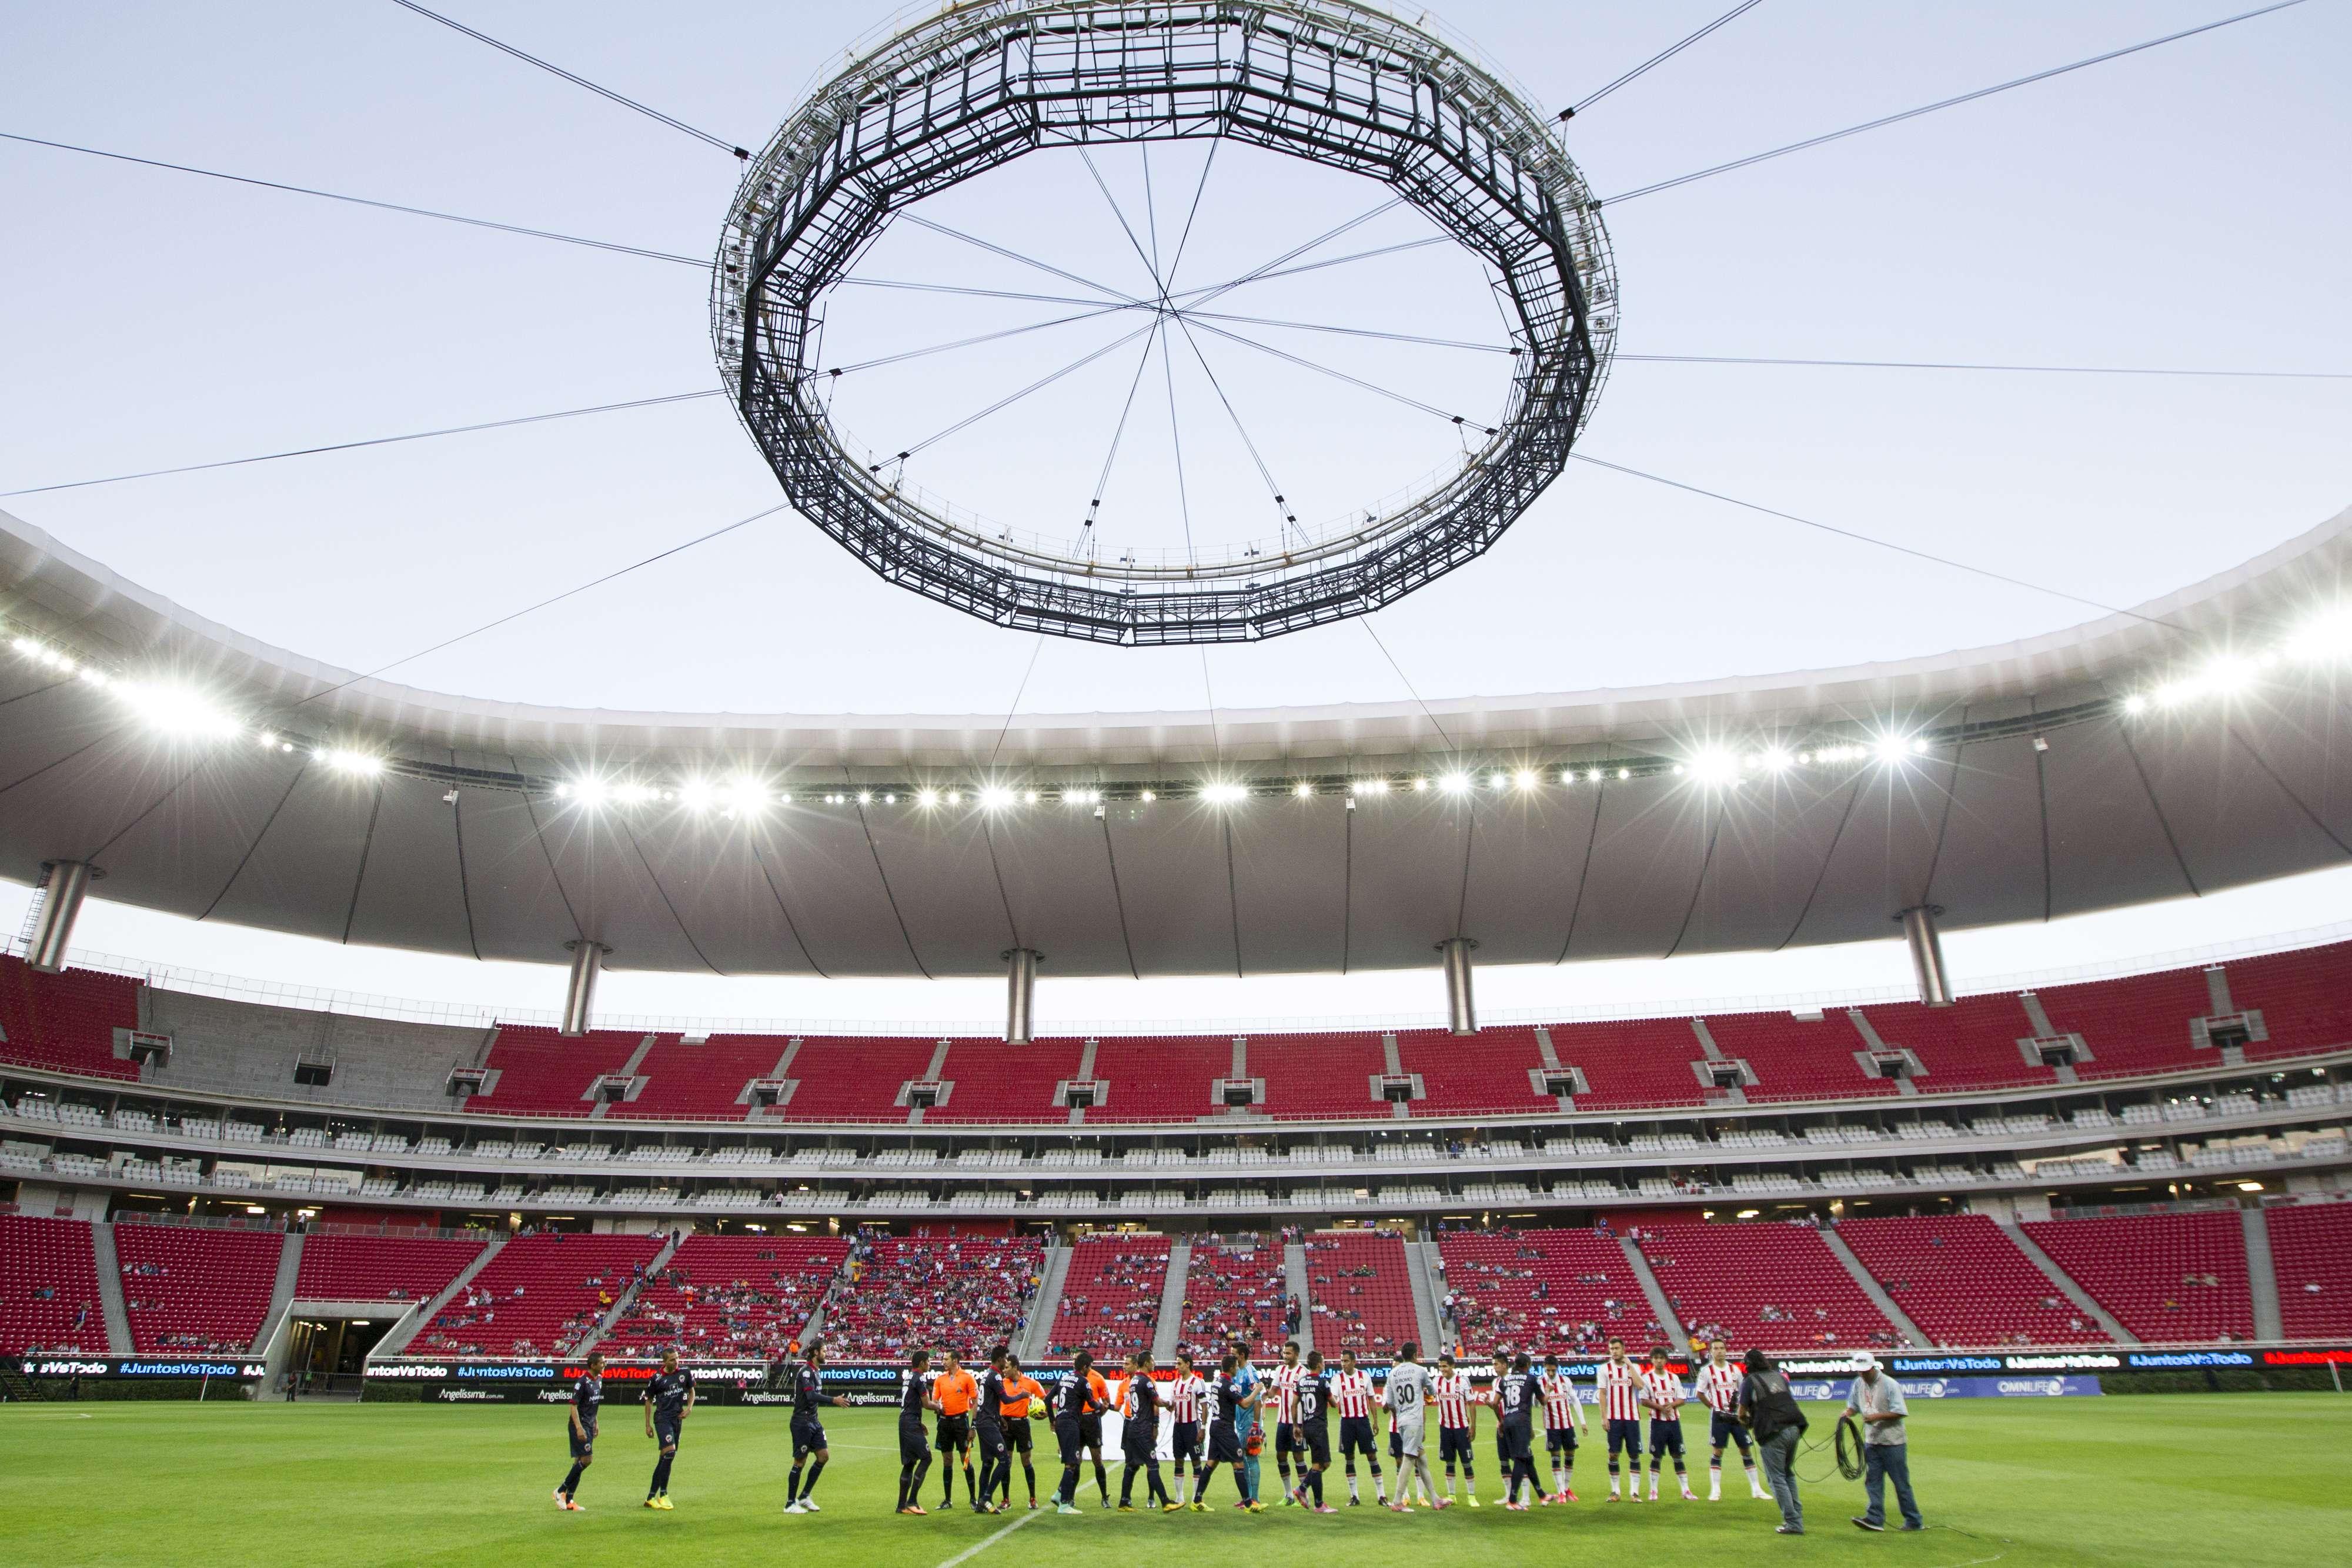 Jorge Vergara quiere vender en paquete el estadio Omnilife. Foto: Mexsport